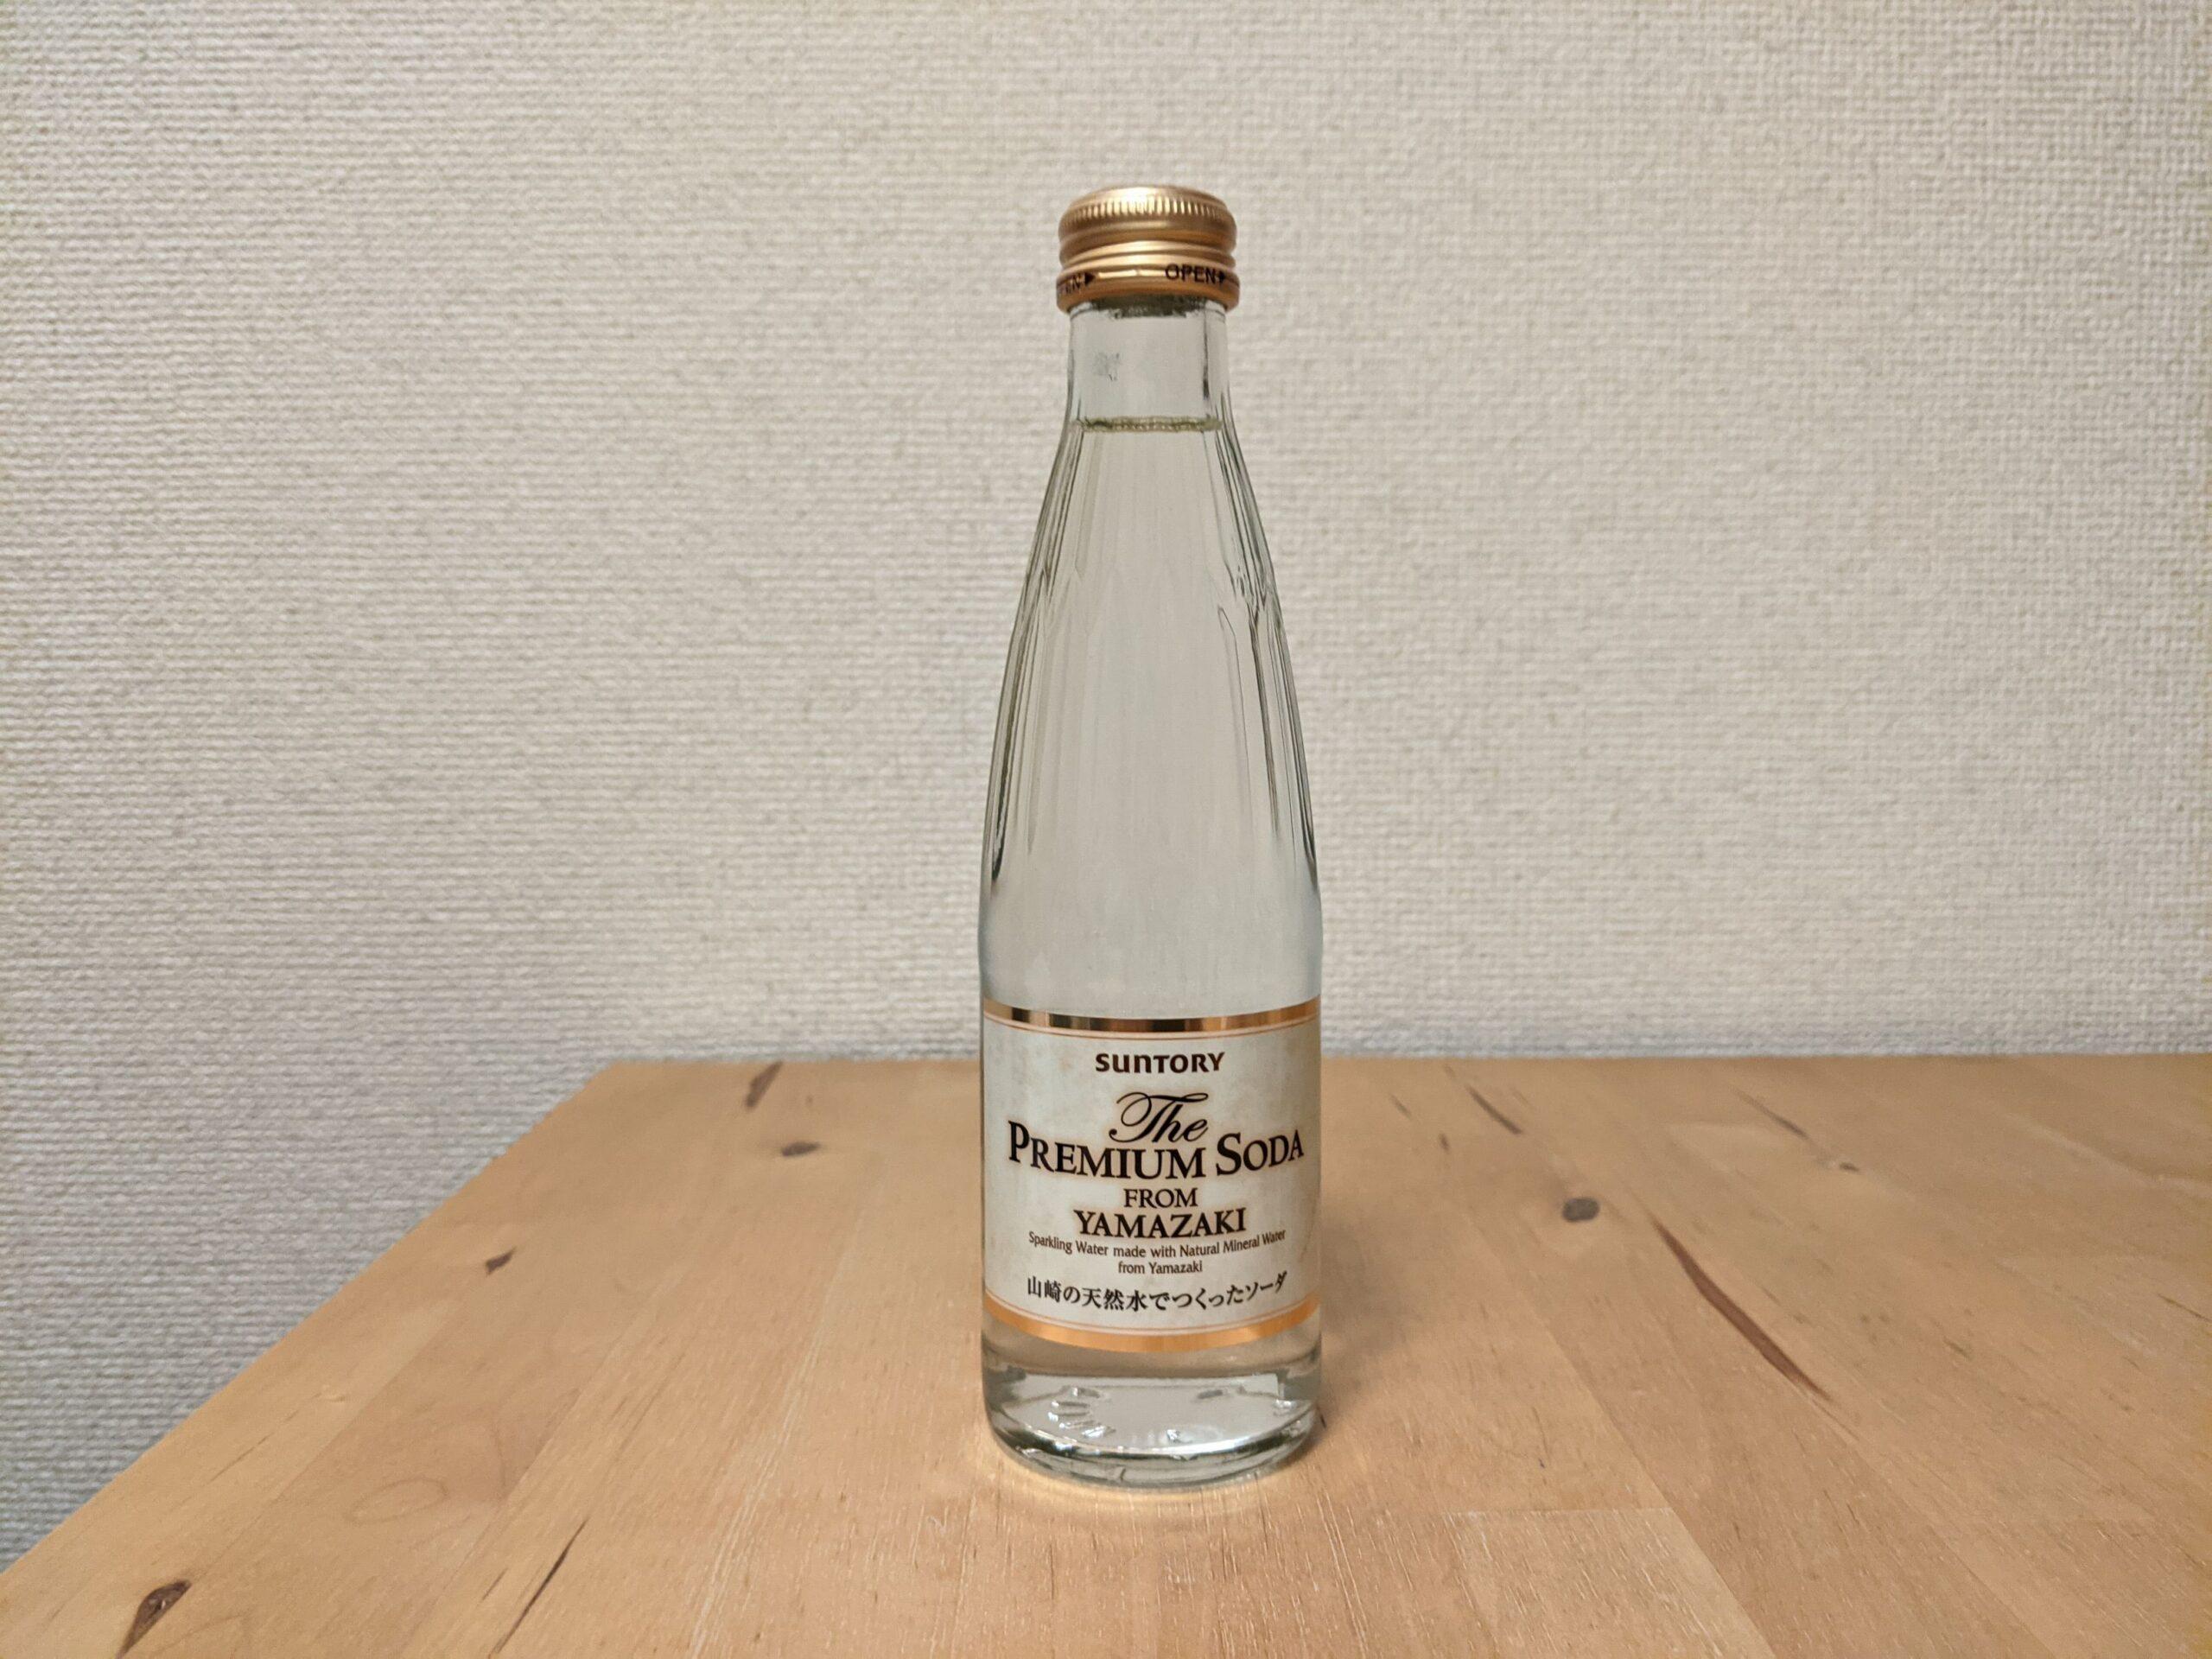 サントリー SUNTORY プレミアムソーダ 炭酸水